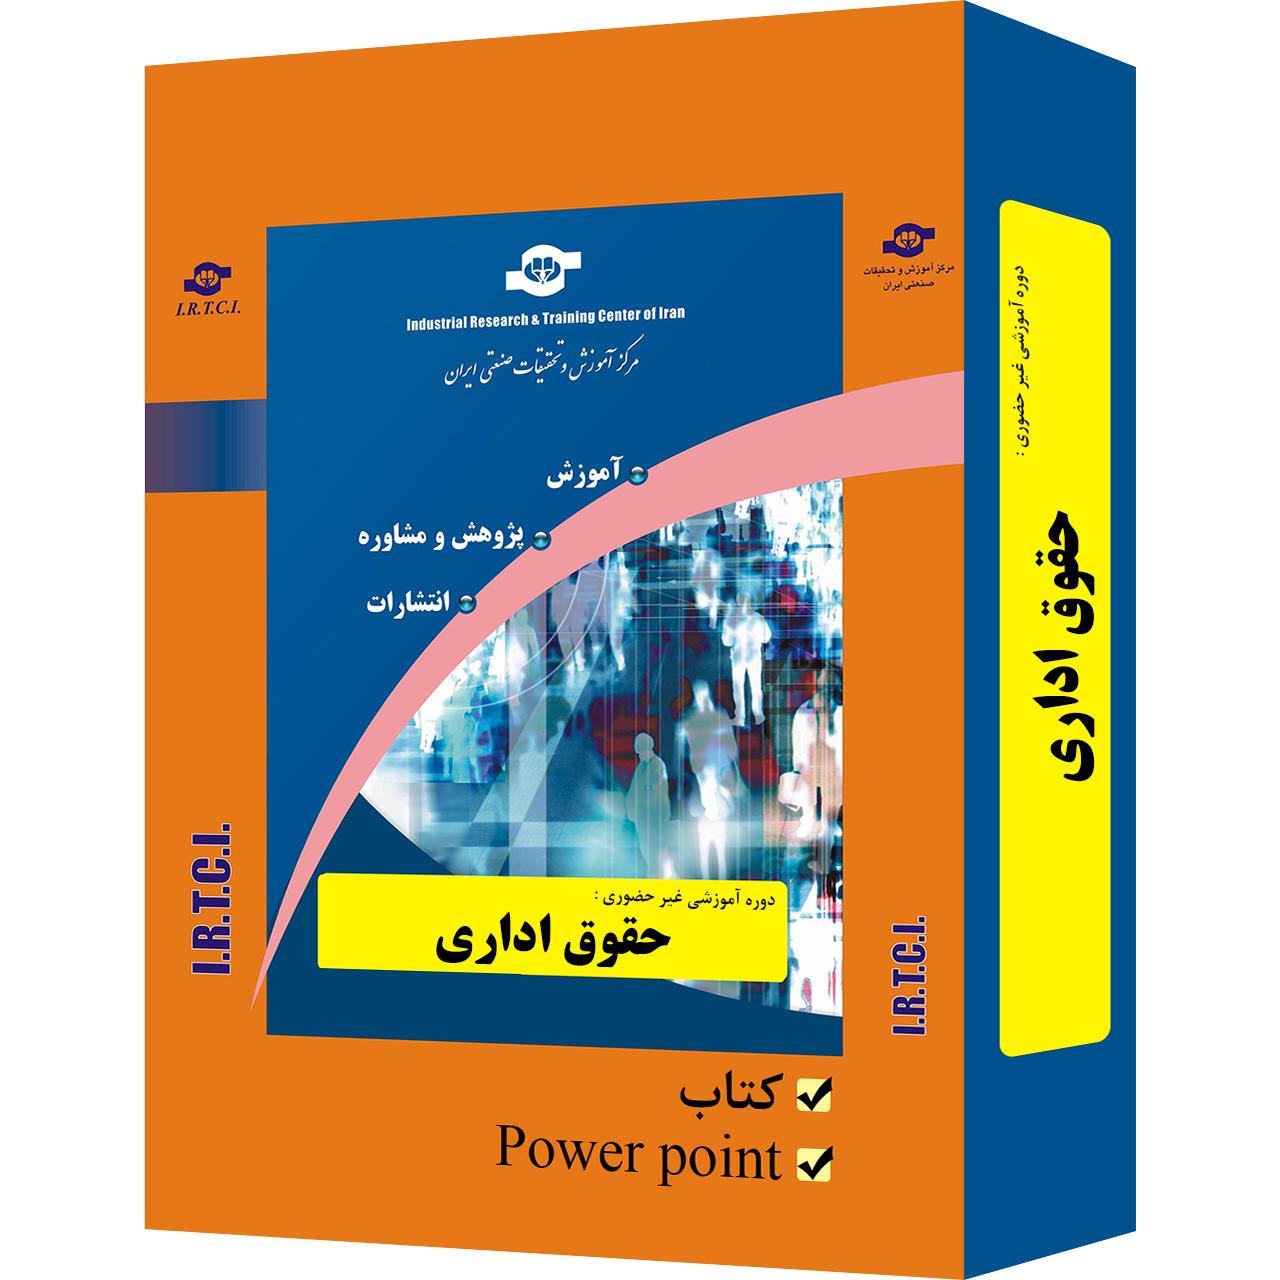 بسته آموزشی غیر حضوری اصول تدوین حقوق اداری تدوین مرکز آموزش و تحقیقات صنعتی ایران